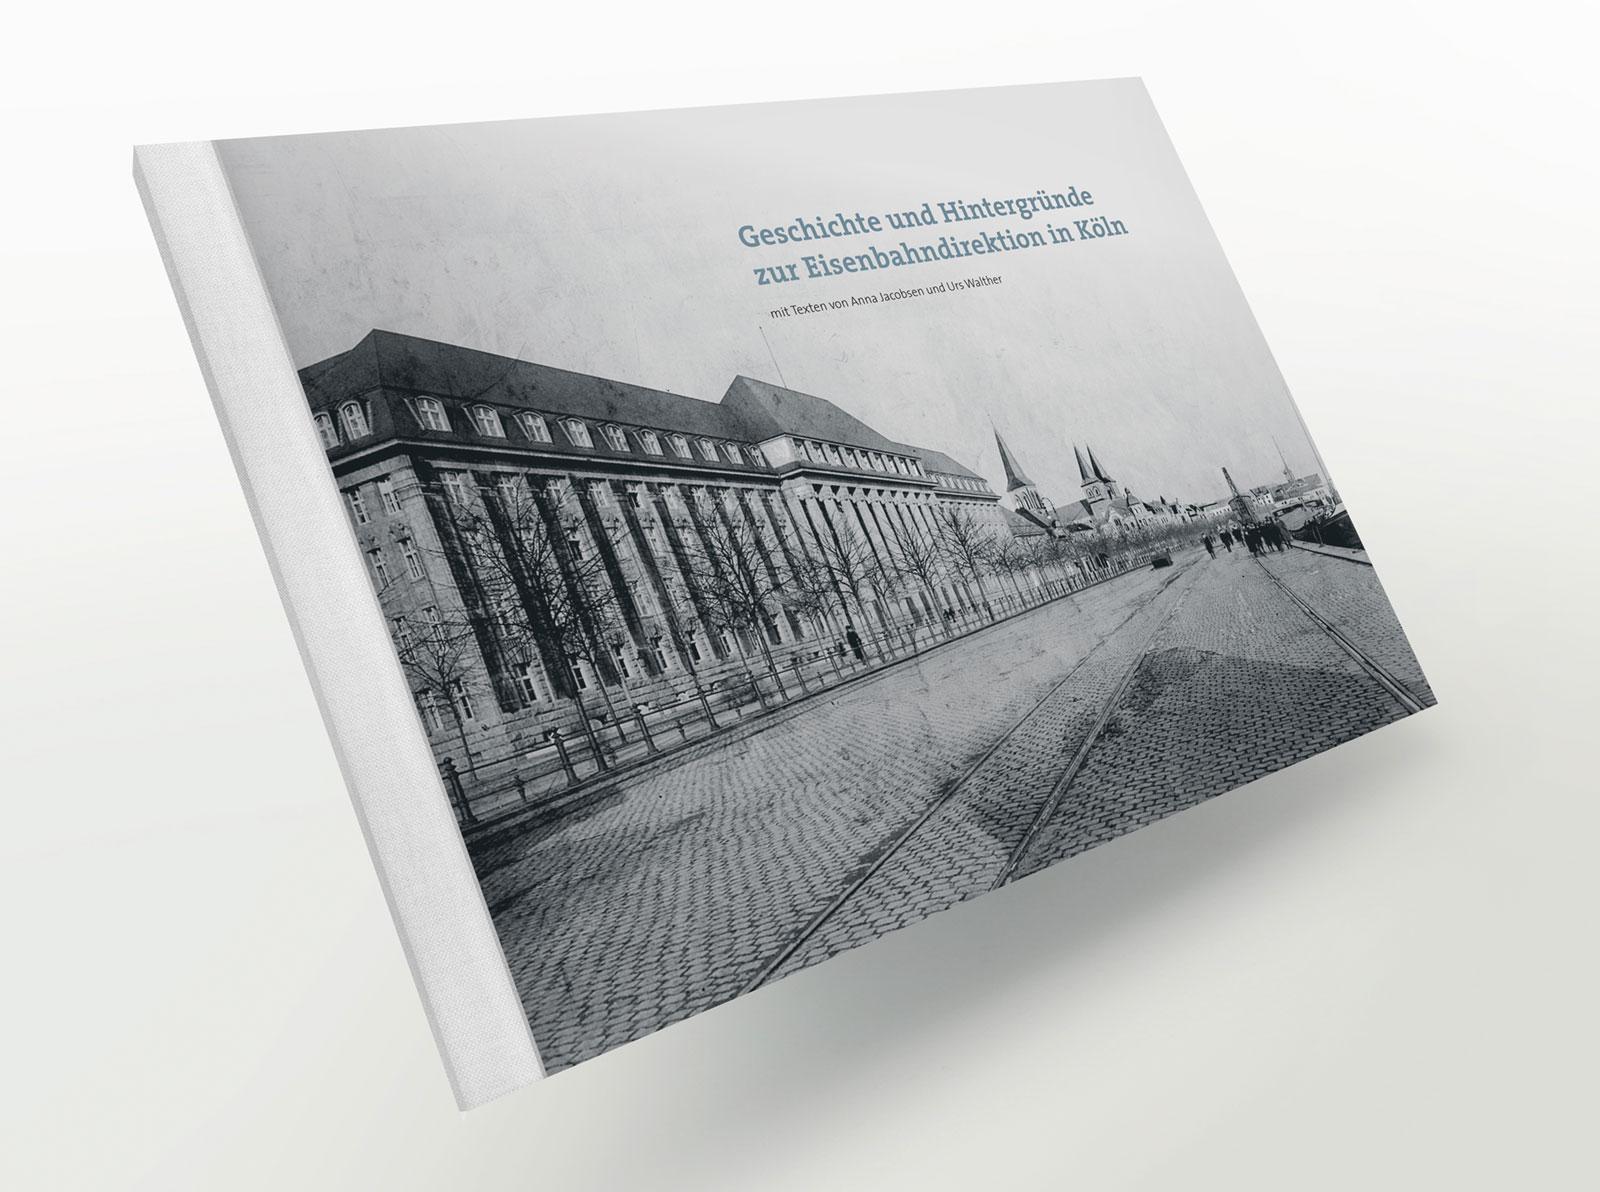 reinsicht realisiert im Bereich Editorial Design für die HOCHTIEF AG eine umfangreiche Dokumentation über die »Königliche Eisenbahndirektion zu Cöln«.